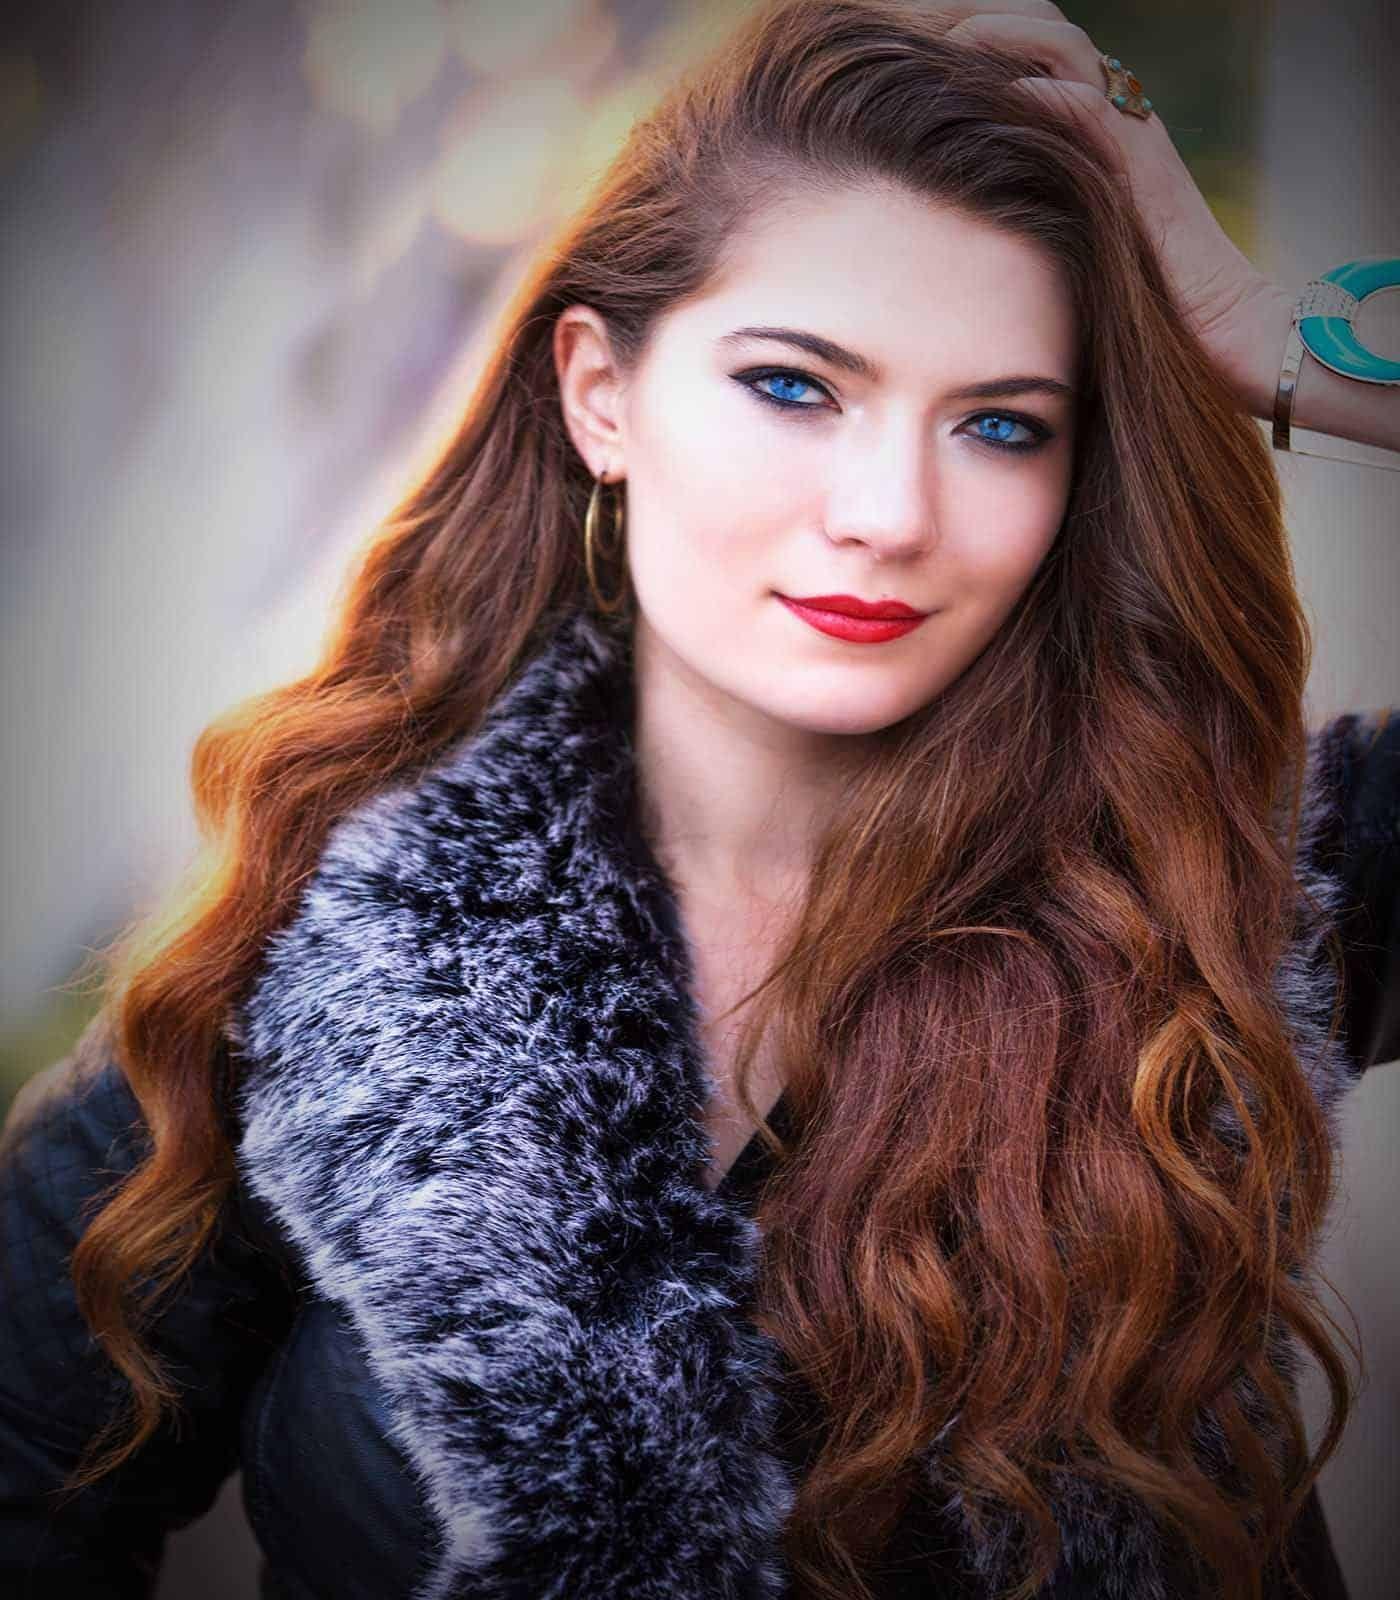 Wie Viel Kostet Eine Dauerwelle Fur Kurze Haare Lange Haare Mittlere Haare Neueste Frisuren Und Haarschnitte Fur Frauen Einfache Naturliche Frisuren Lange Haare Naturliche Frisuren Haarschnitt Frauen